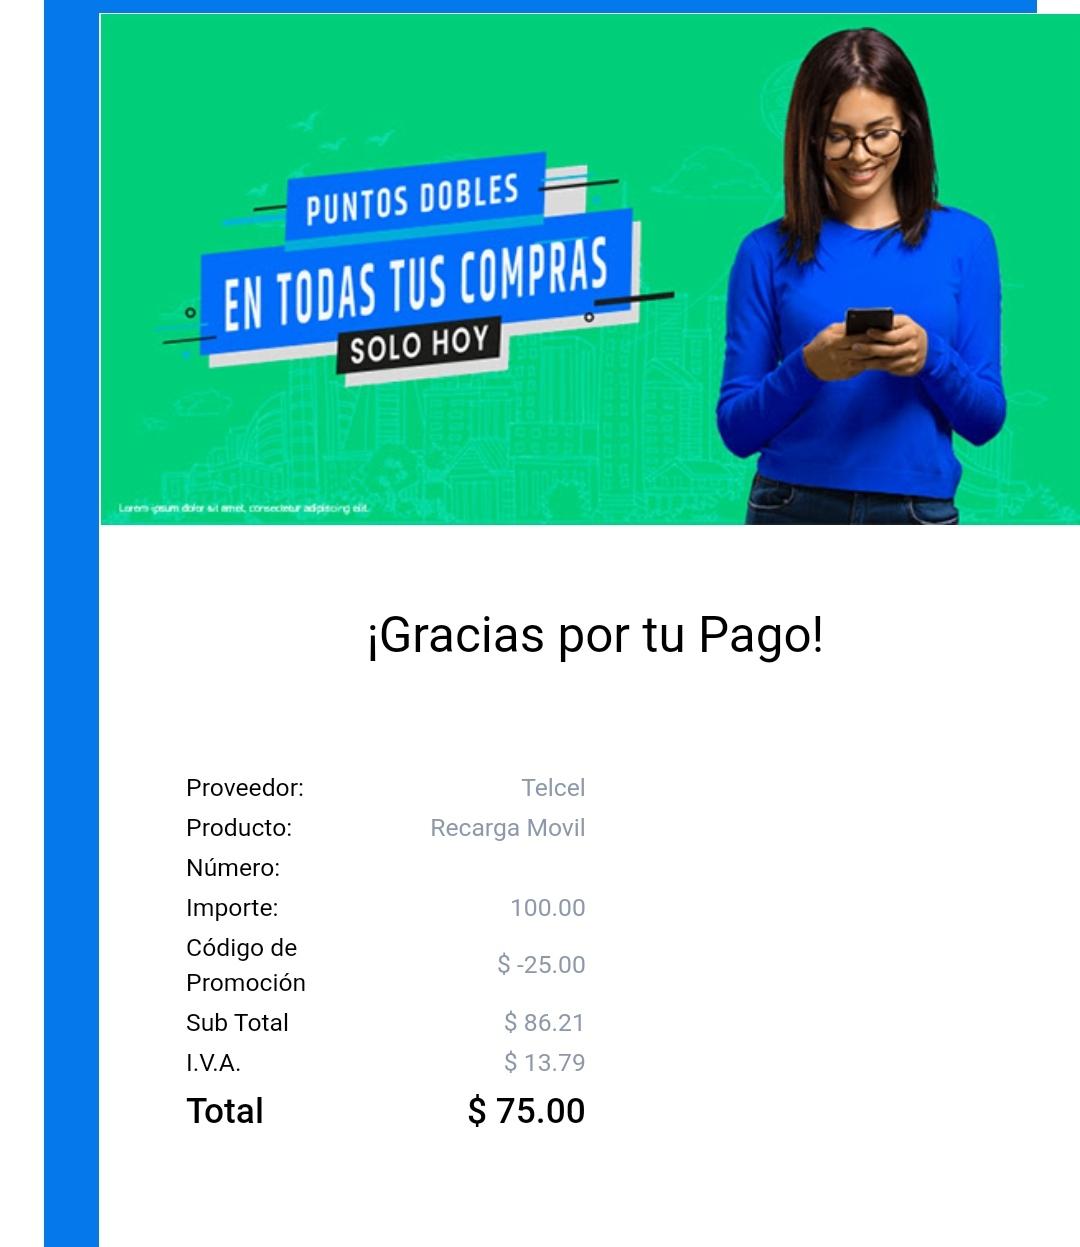 Mis Pagos: 25 pesos de descuento en cualquier servicio, aplica en recargas a Telcel